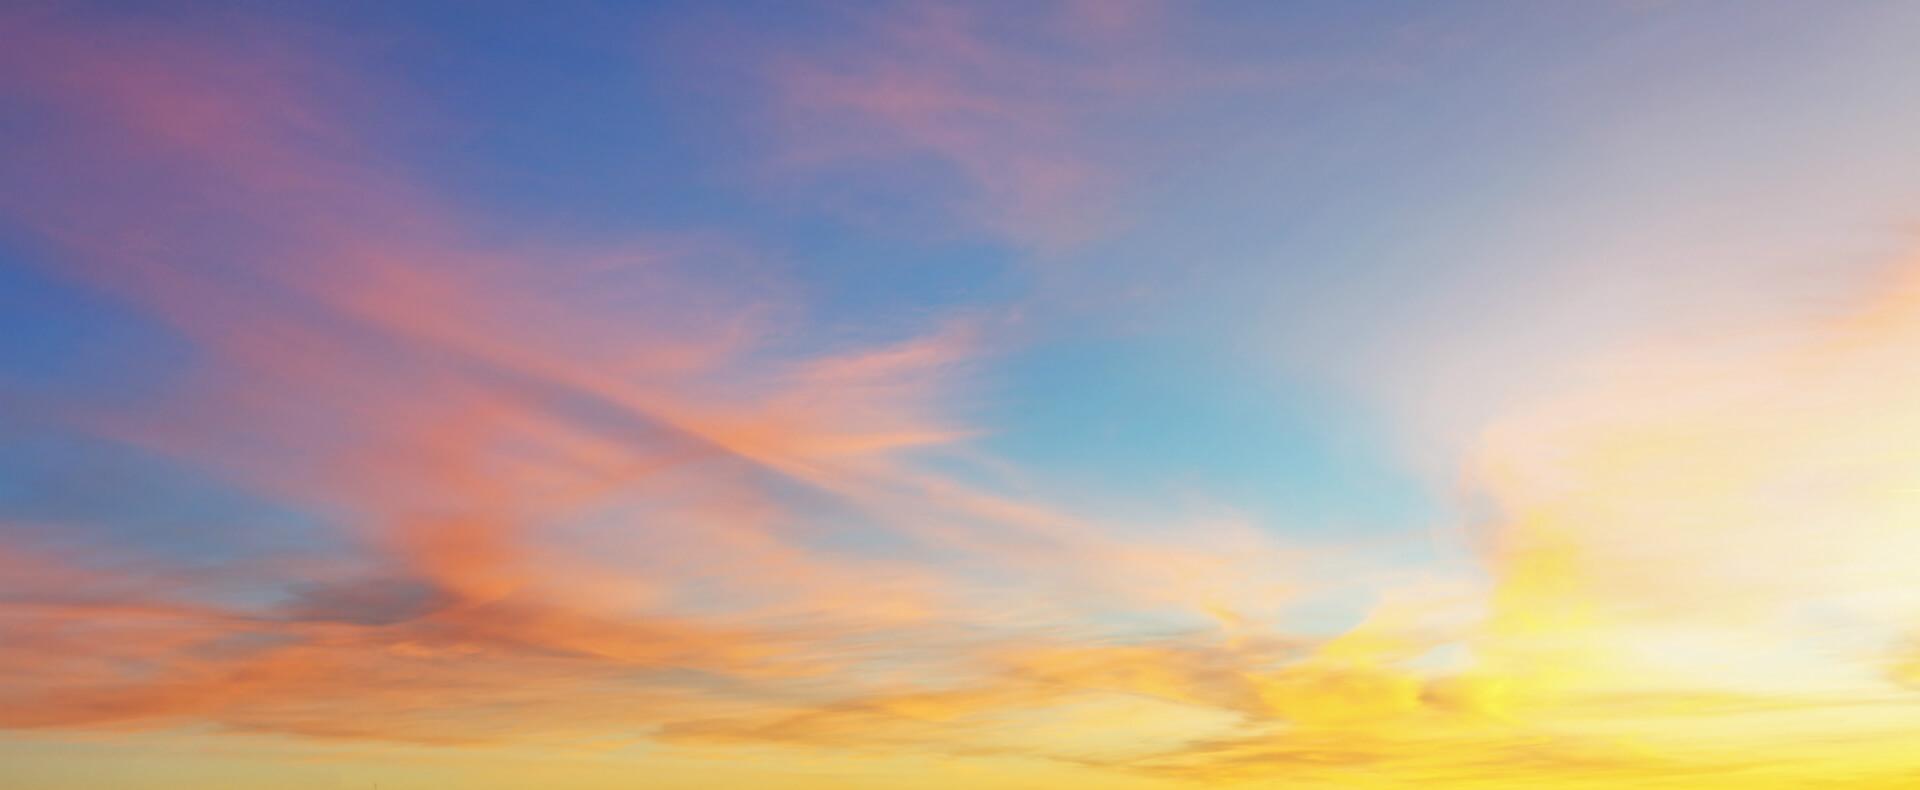 """חמש מידות, חמישה עולמות – לזכרו של גיורא רפאלי ז""""ל"""